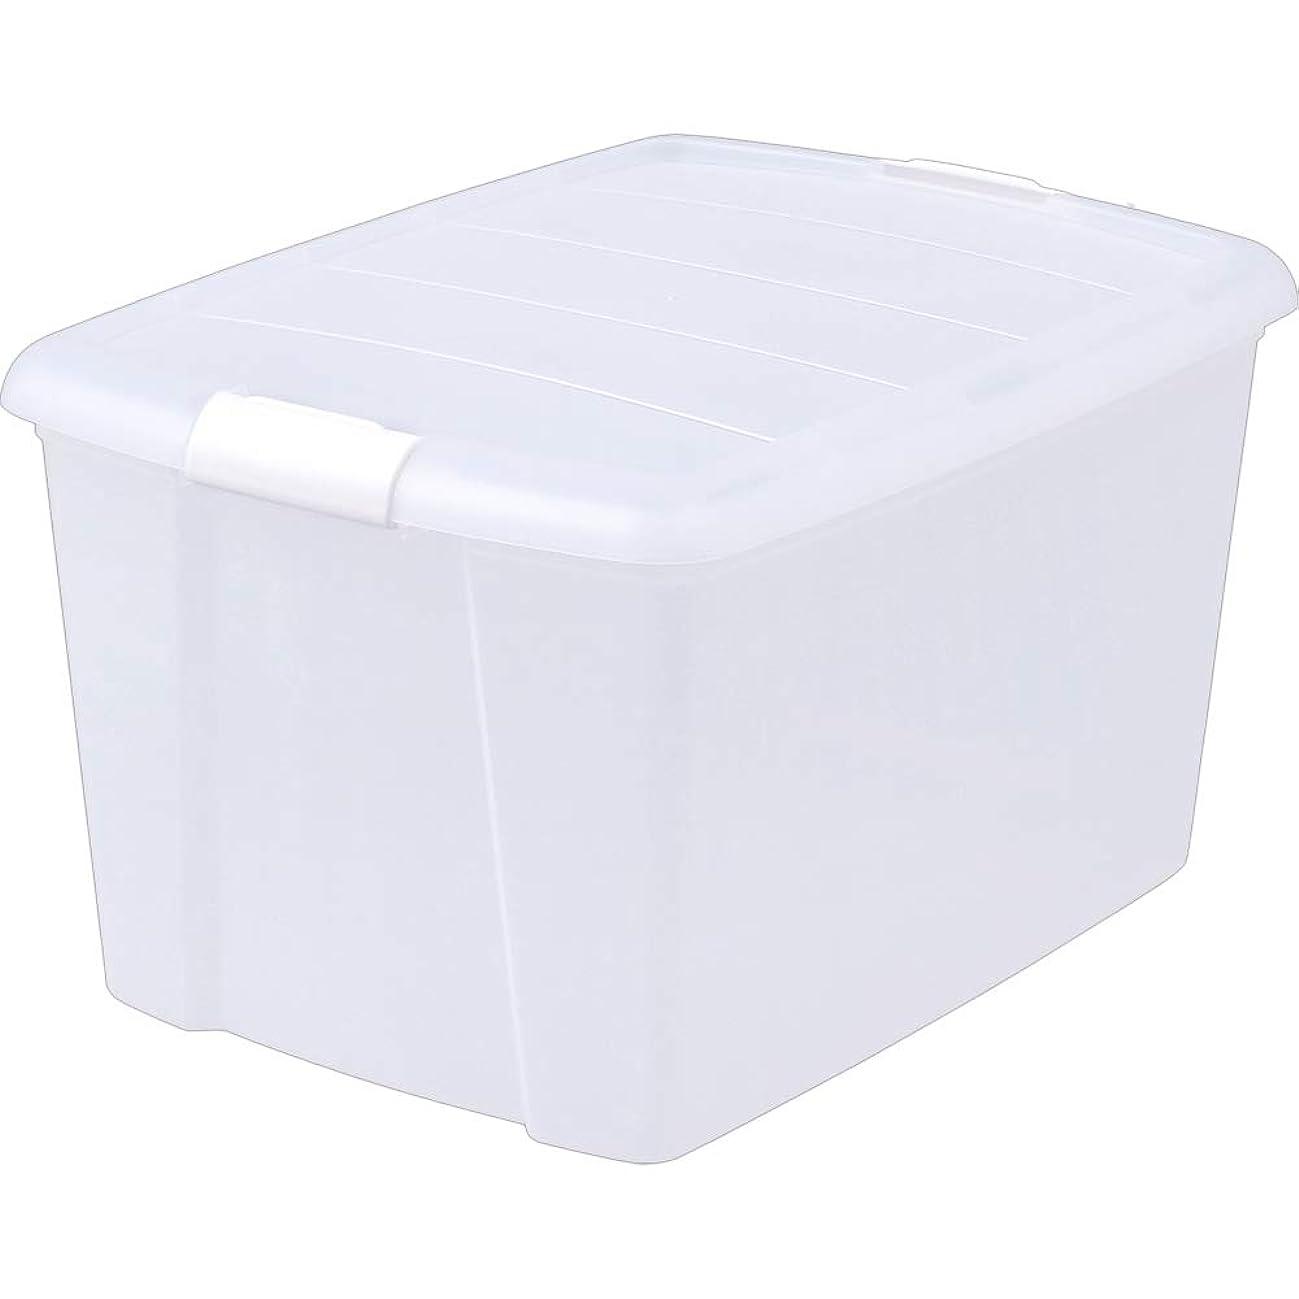 アイリスオーヤマ 収納ボックス ナチュラル MDサイズ(深型) クローゼット MCB-MD